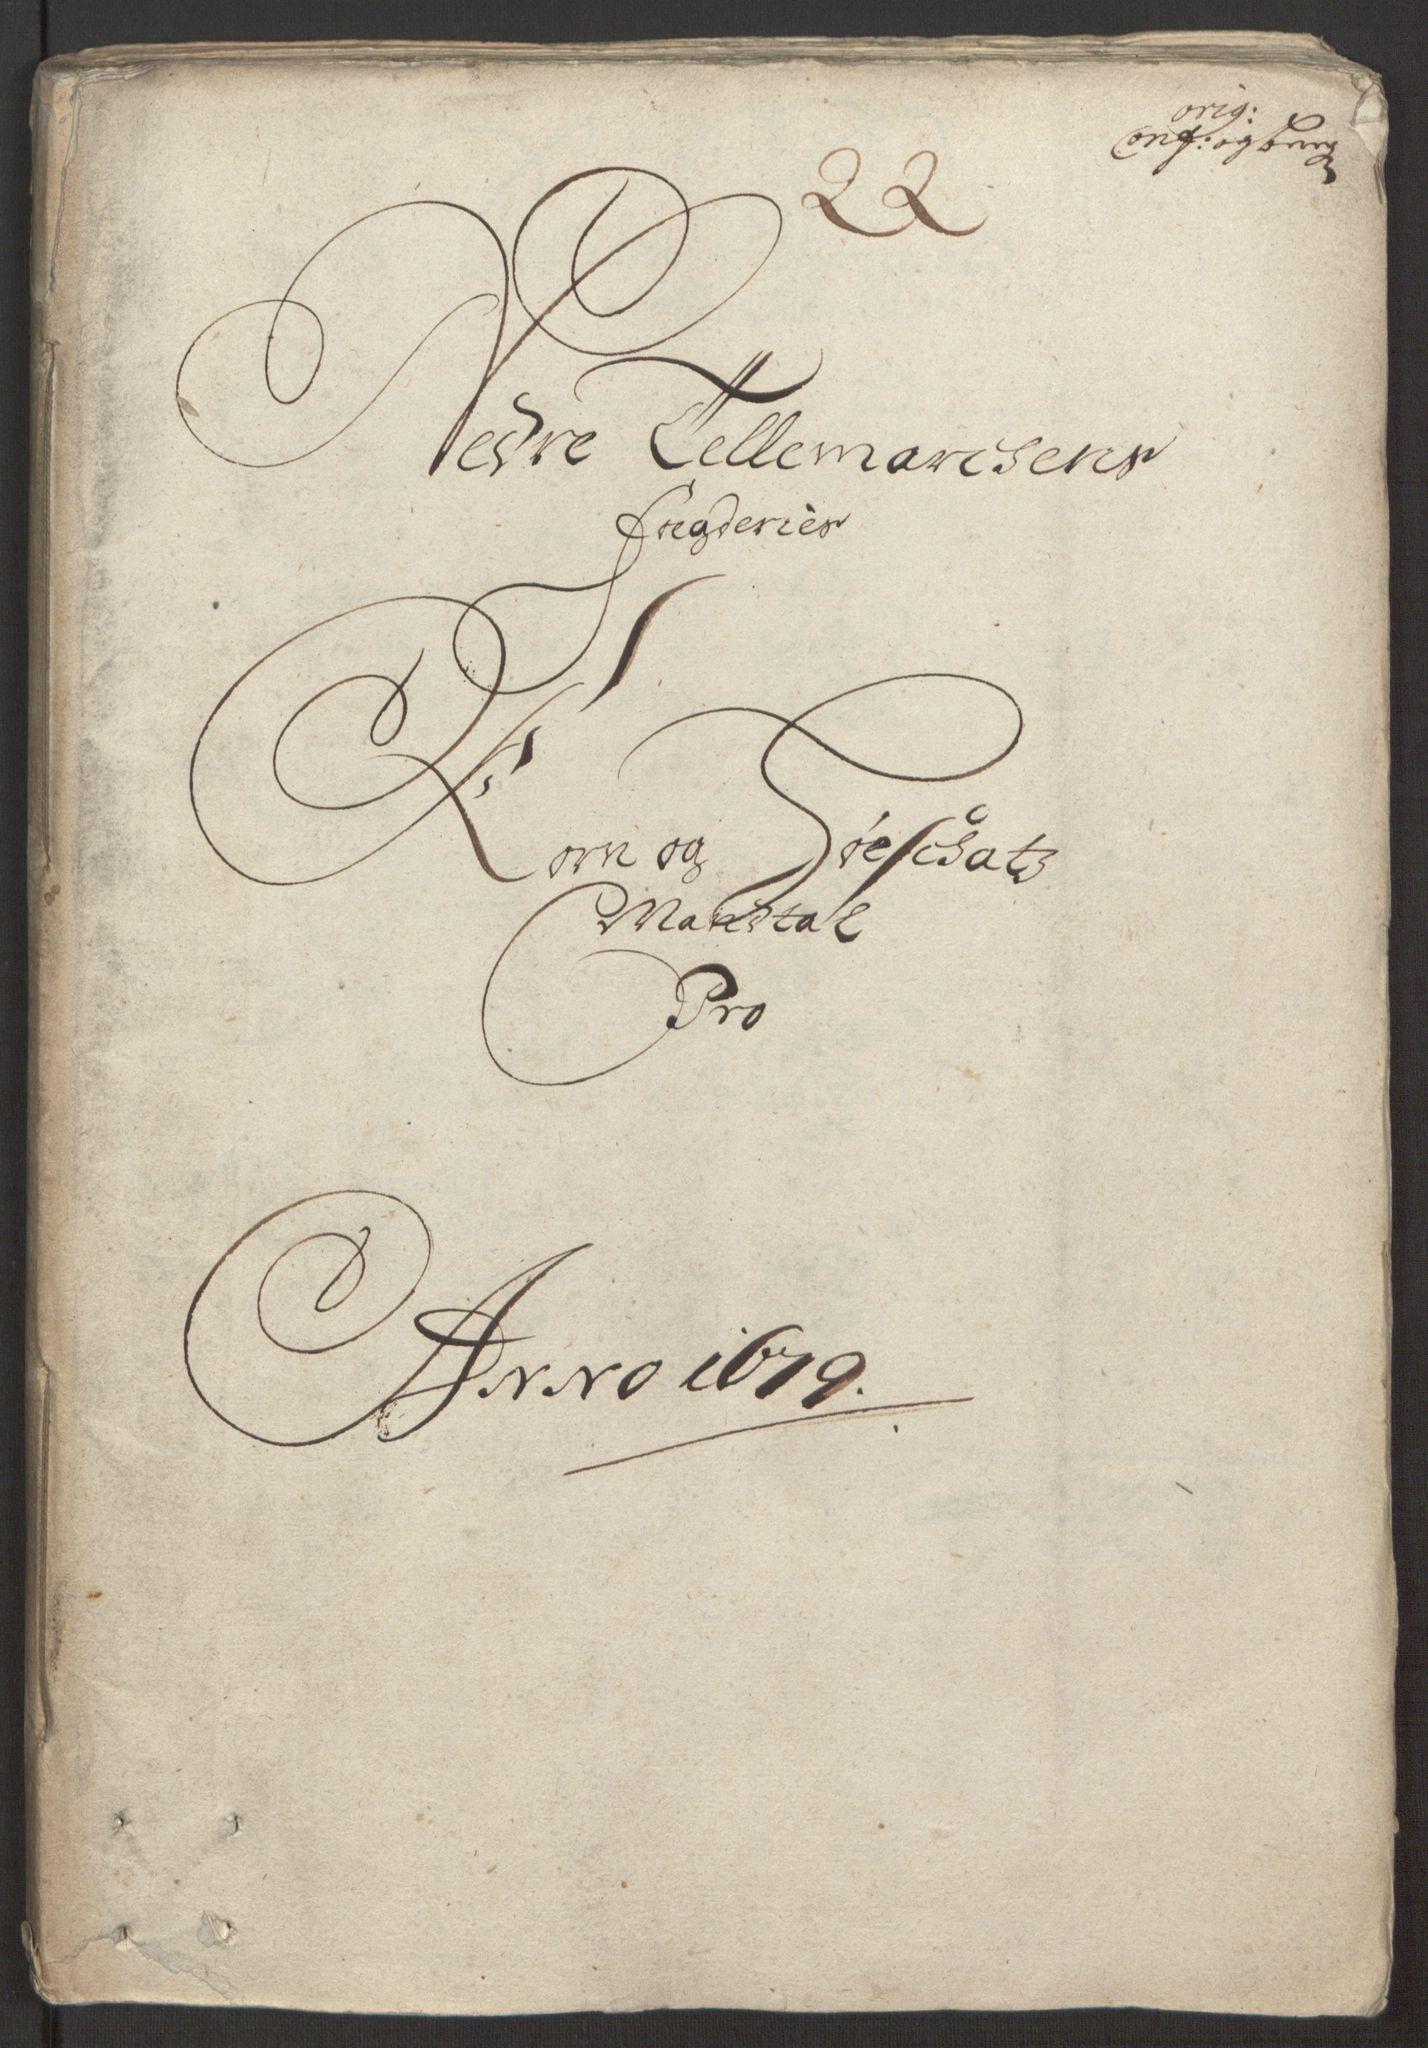 RA, Rentekammeret inntil 1814, Reviderte regnskaper, Fogderegnskap, R35/L2072: Fogderegnskap Øvre og Nedre Telemark, 1679, s. 176